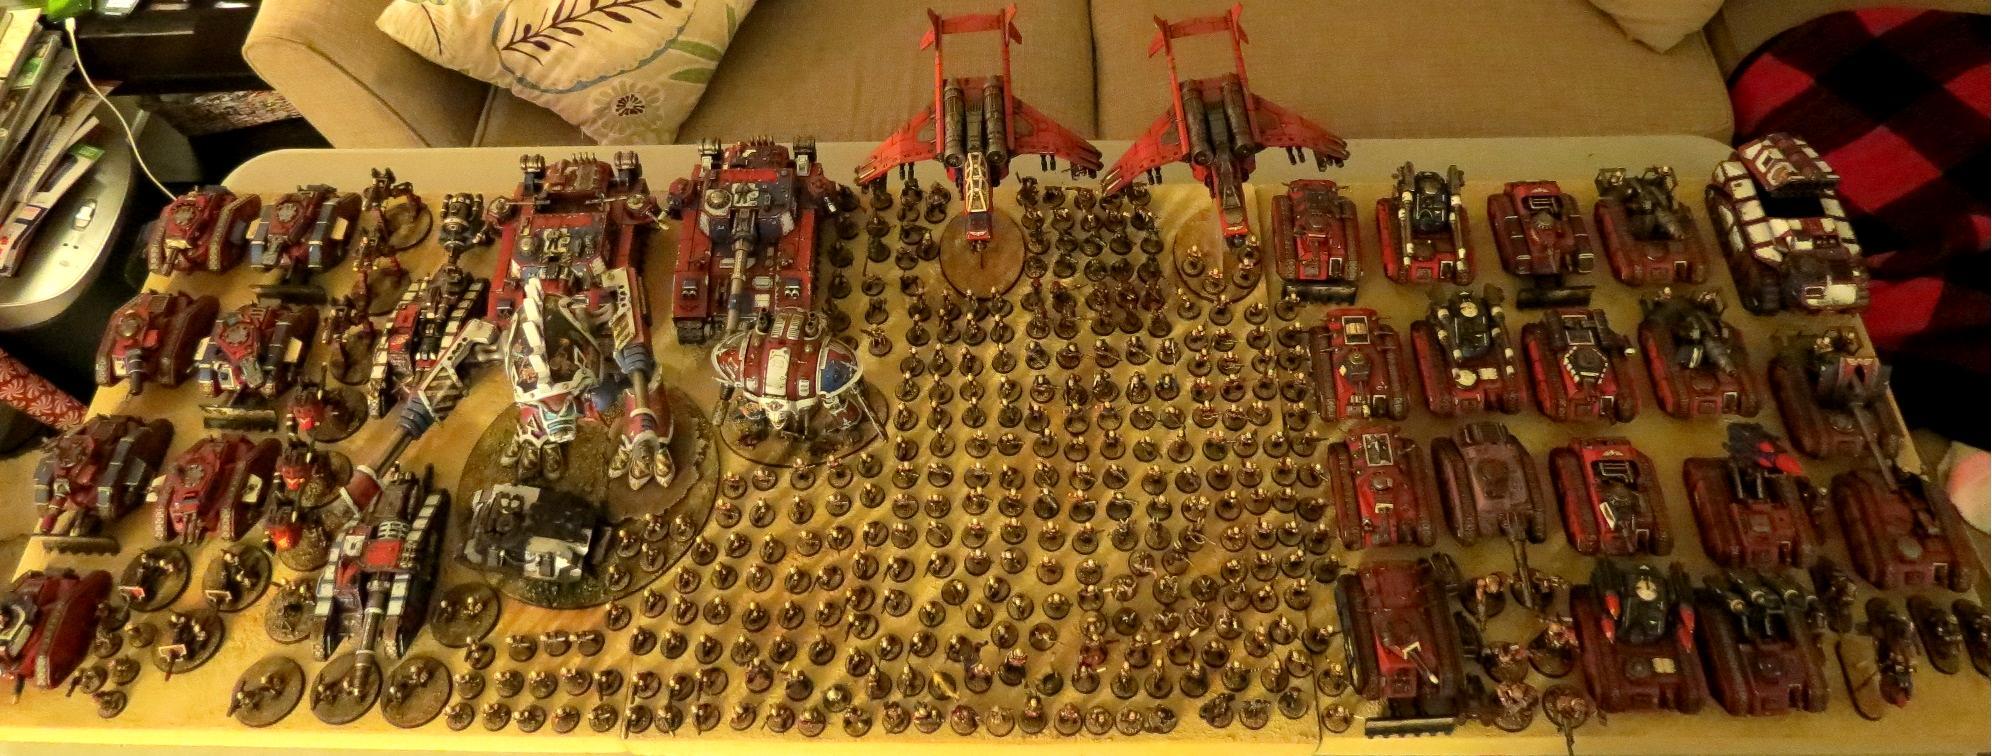 Armored Company, Army, Imperial Guard, Knights, Praetorians, Shadowsword, Titan, Warhound